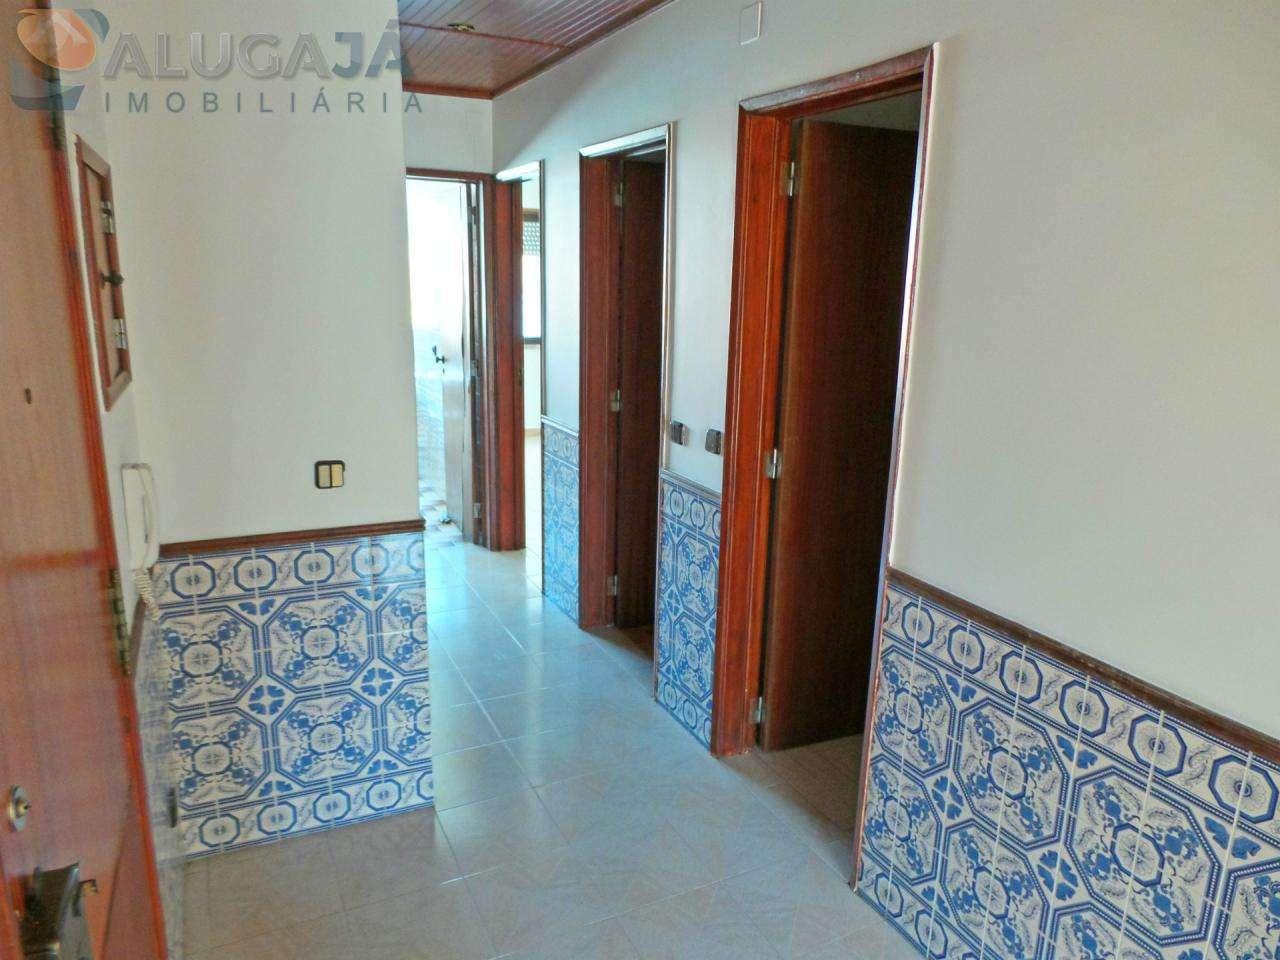 Apartamento para comprar, Travessa Doutor João de Barros - Mercês, Algueirão-Mem Martins - Foto 9